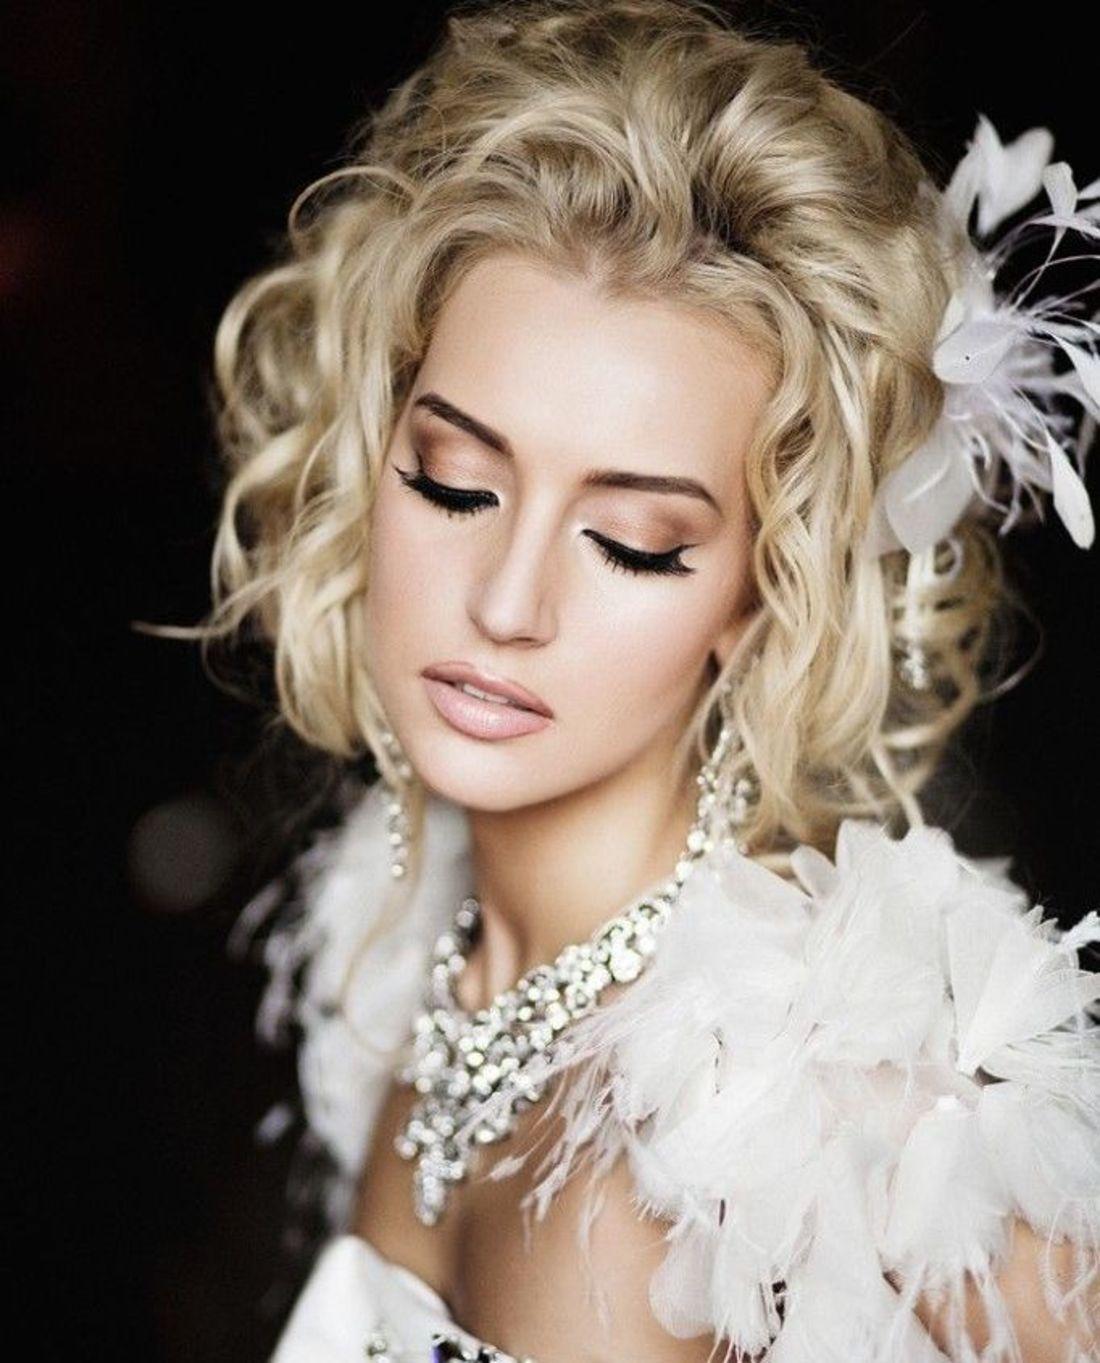 На фото: свадебная прическа с короткими волосами с цветами в волосах.